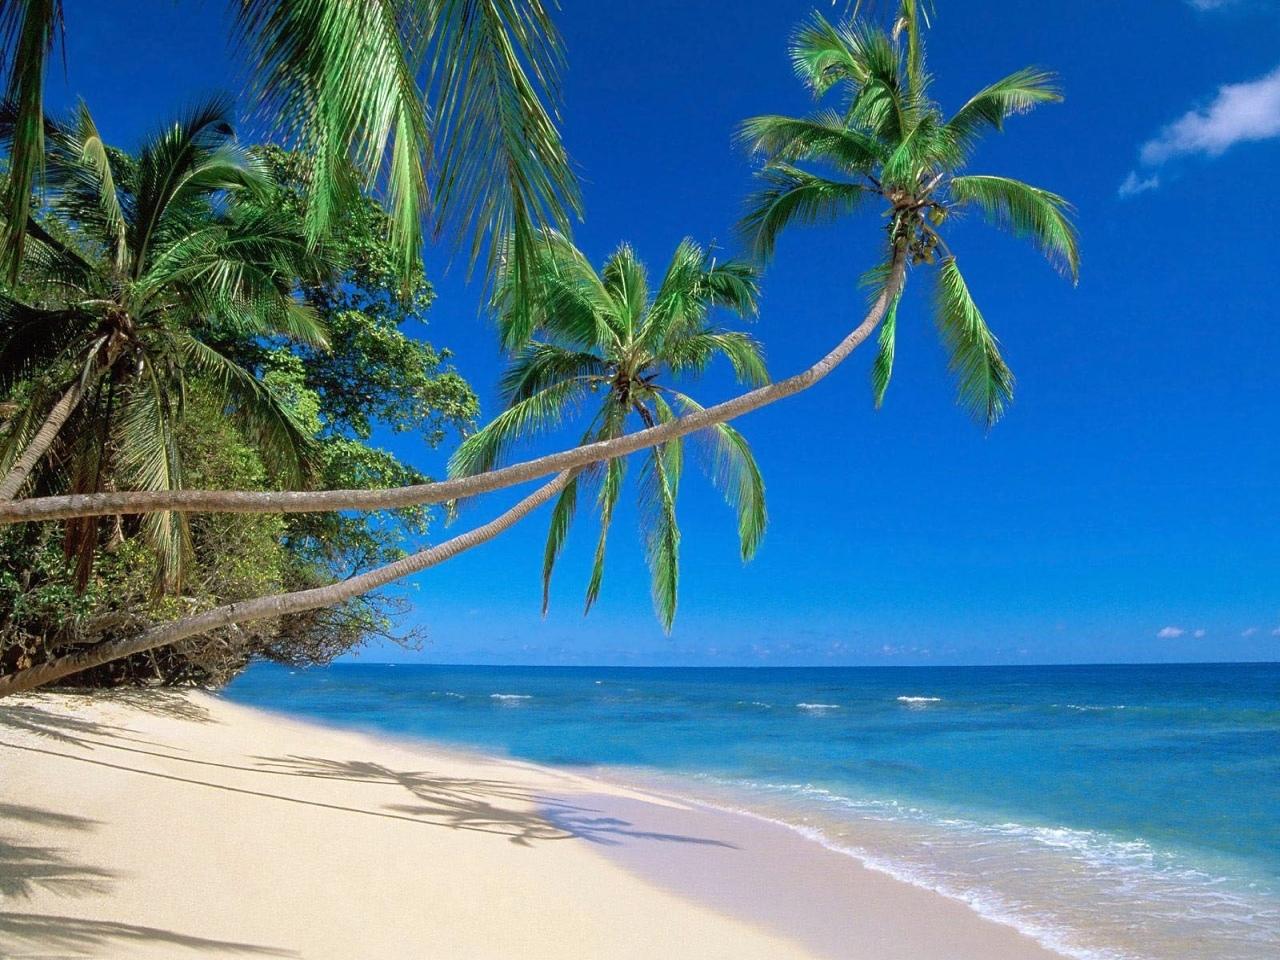 46092 скачать обои Пейзаж, Природа, Море - заставки и картинки бесплатно